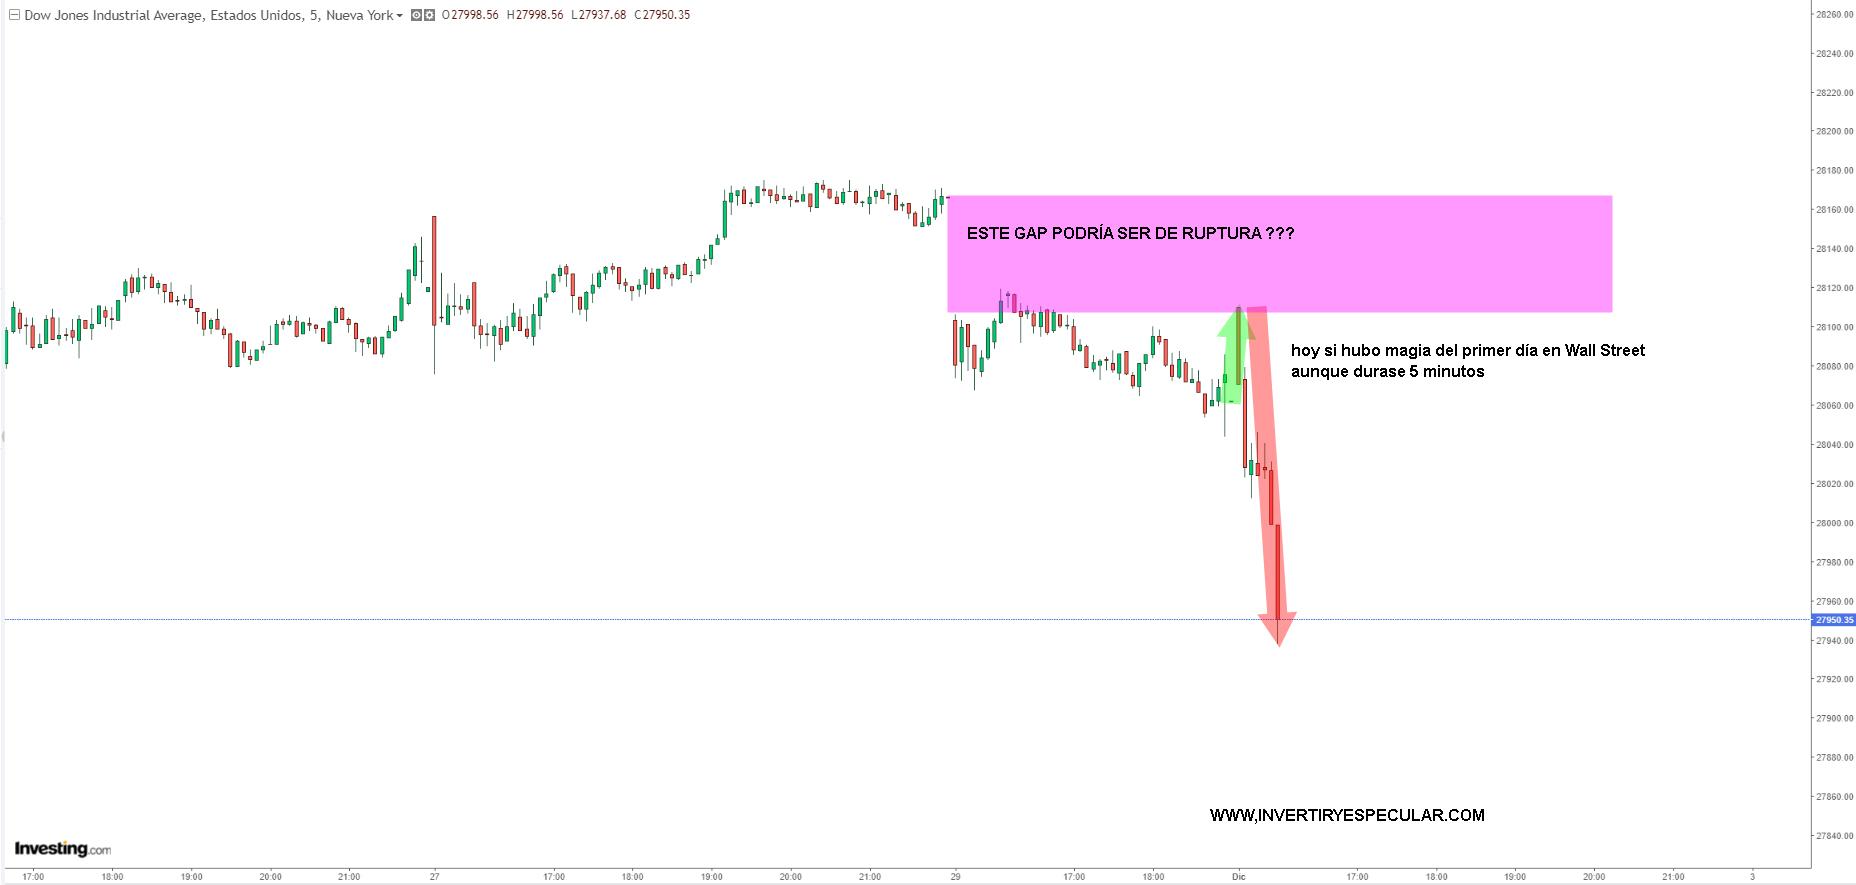 Si hubo en Wall Street pero de 5 minutos nada más